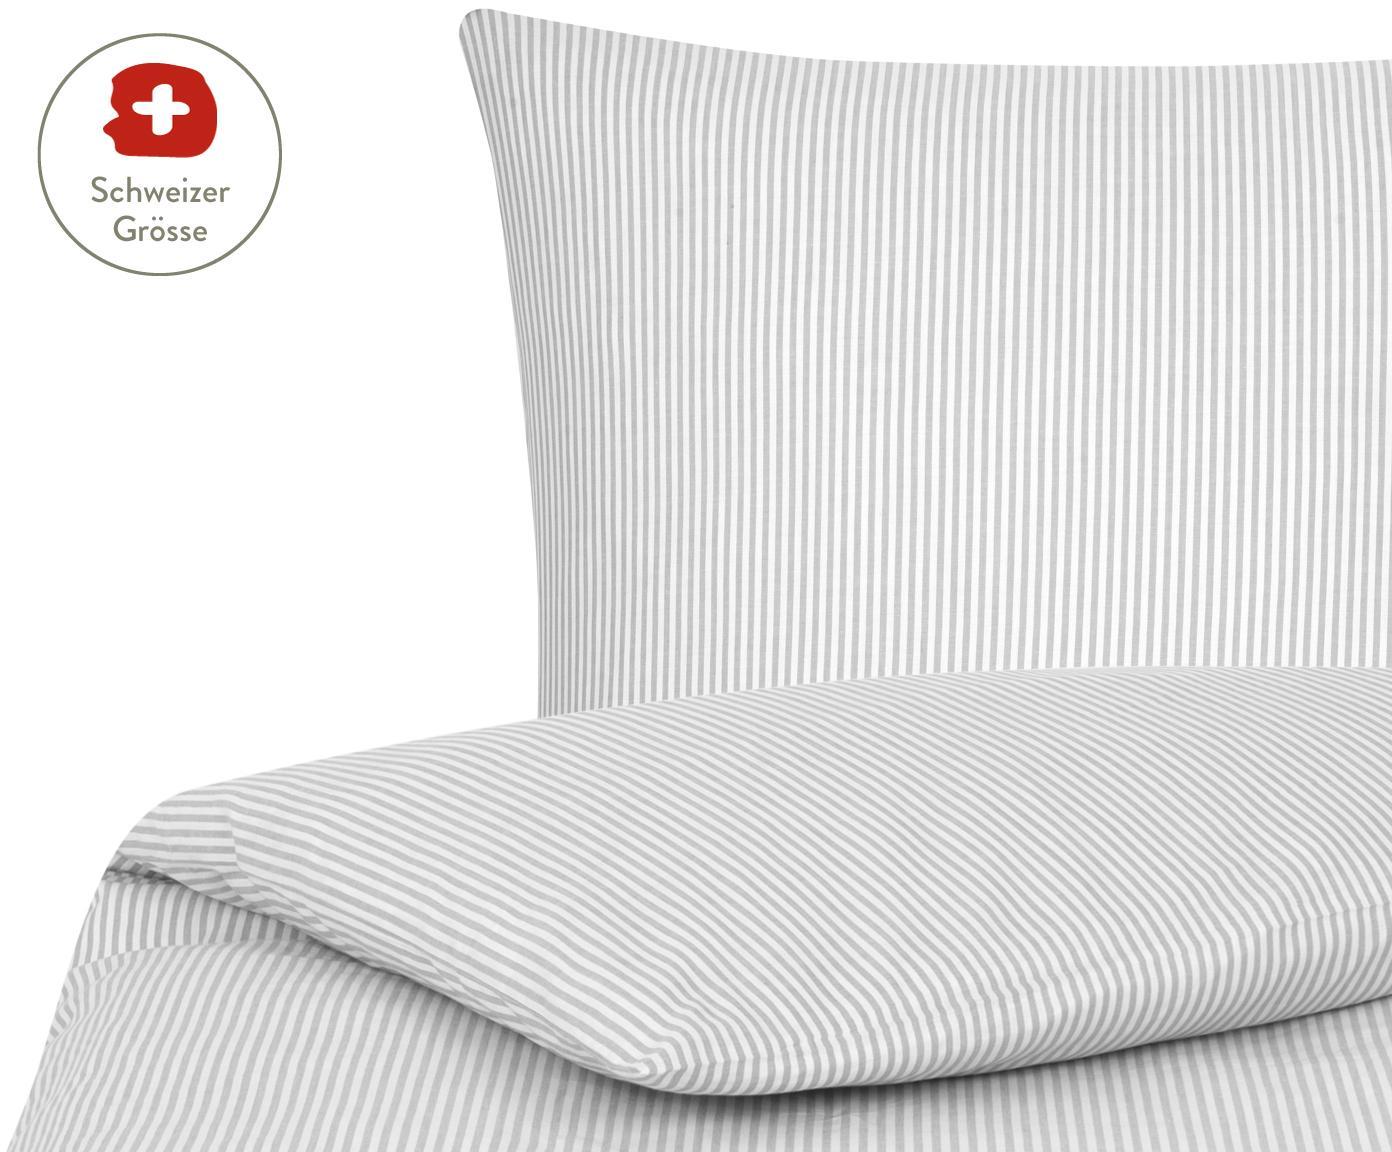 Baumwoll-Bettdeckenbezug Ellie, fein gestreift, Webart: Renforcé, Weiss, Grau, 160 x 210 cm